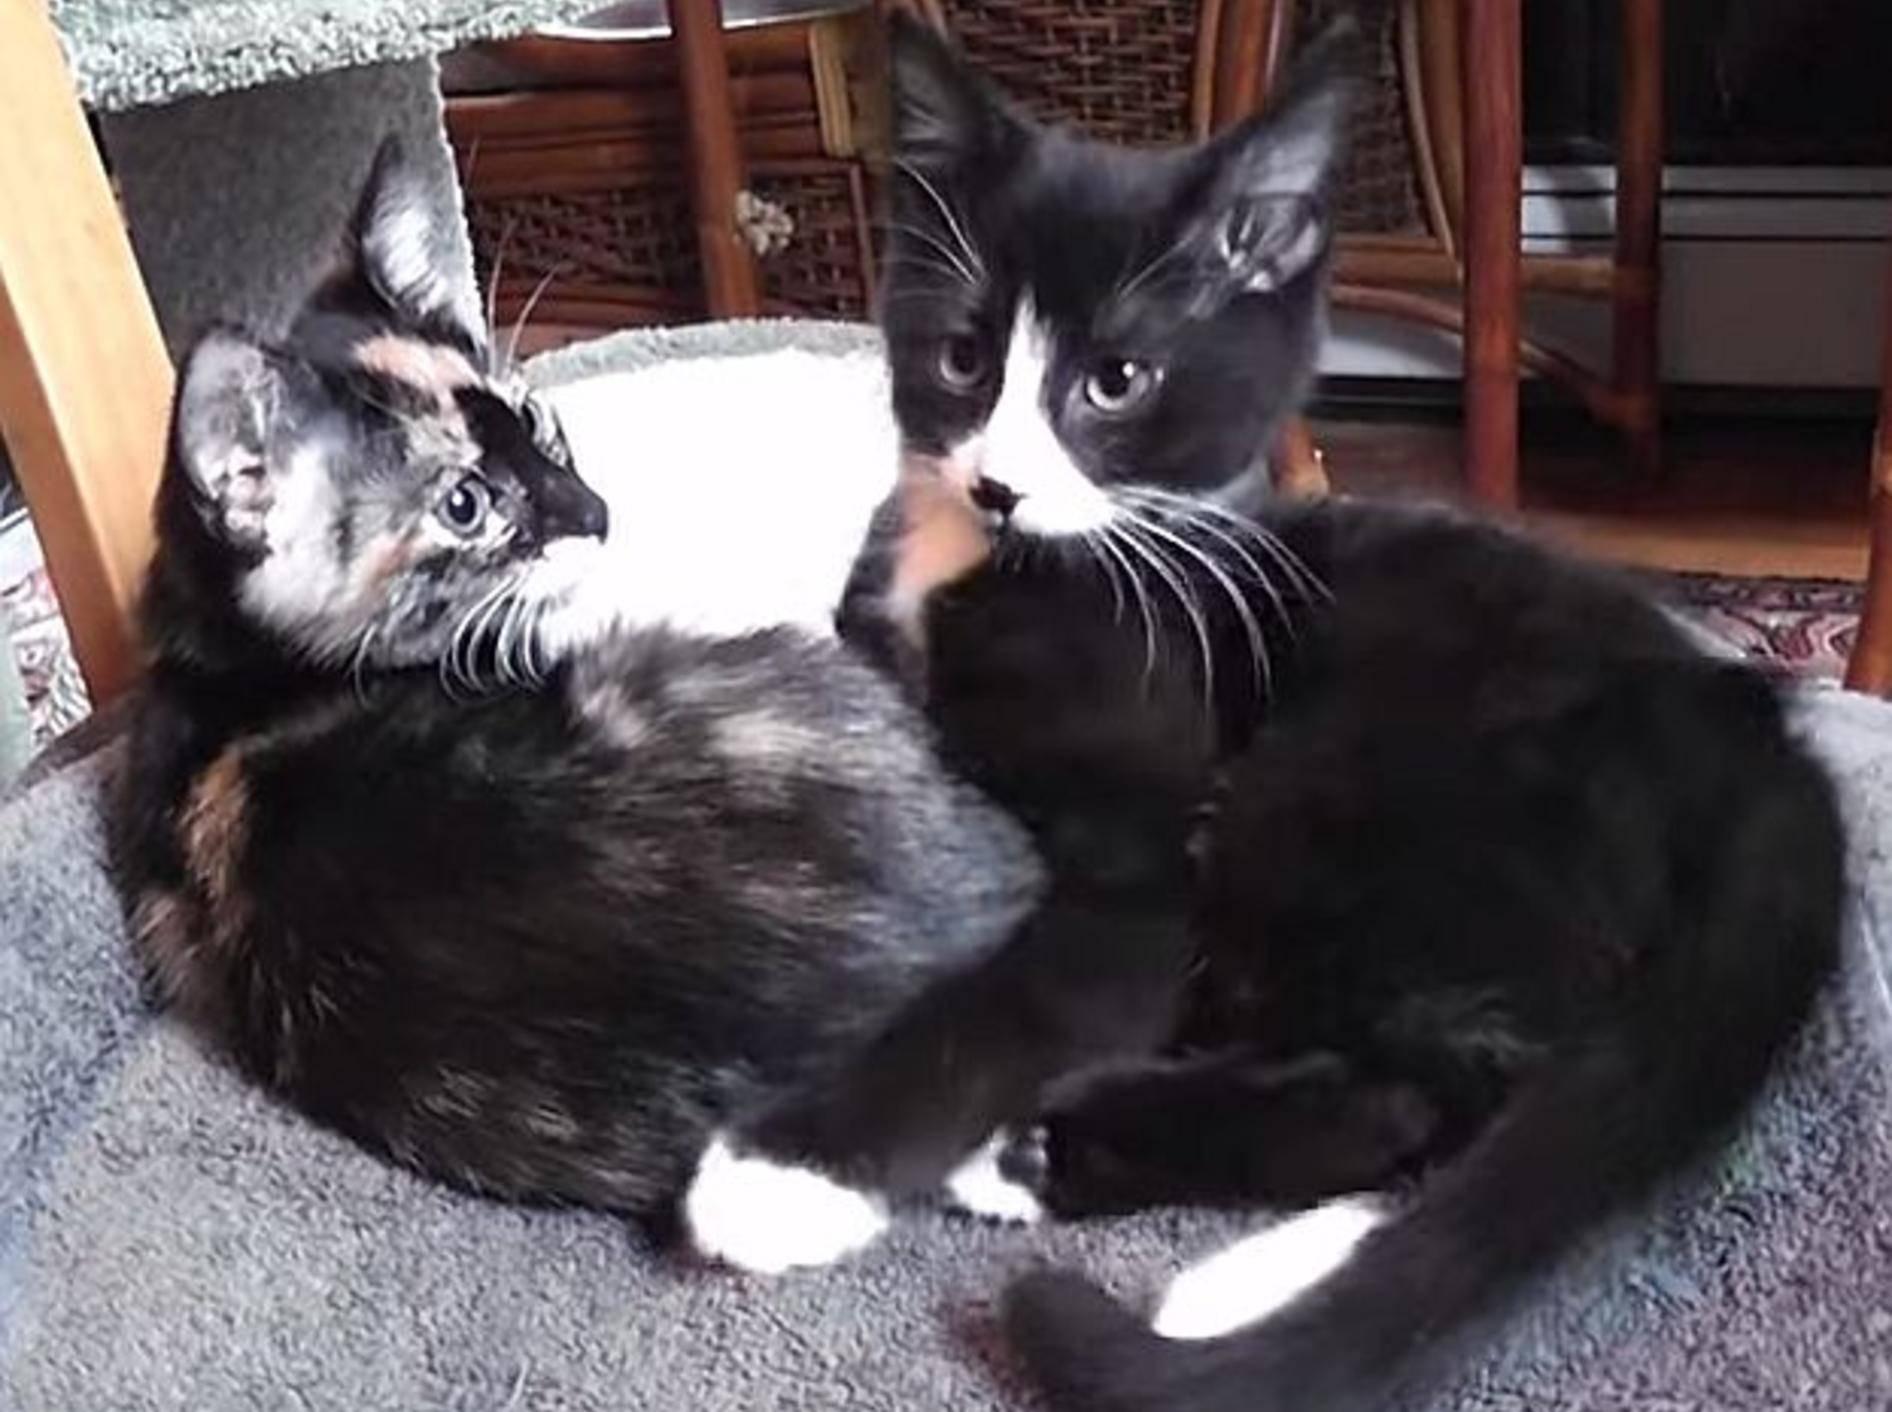 Schöner Videozusammenschnitt: Vom Katzenbaby zur Katze –Bild: Youtube / DrNworb's KitsCats